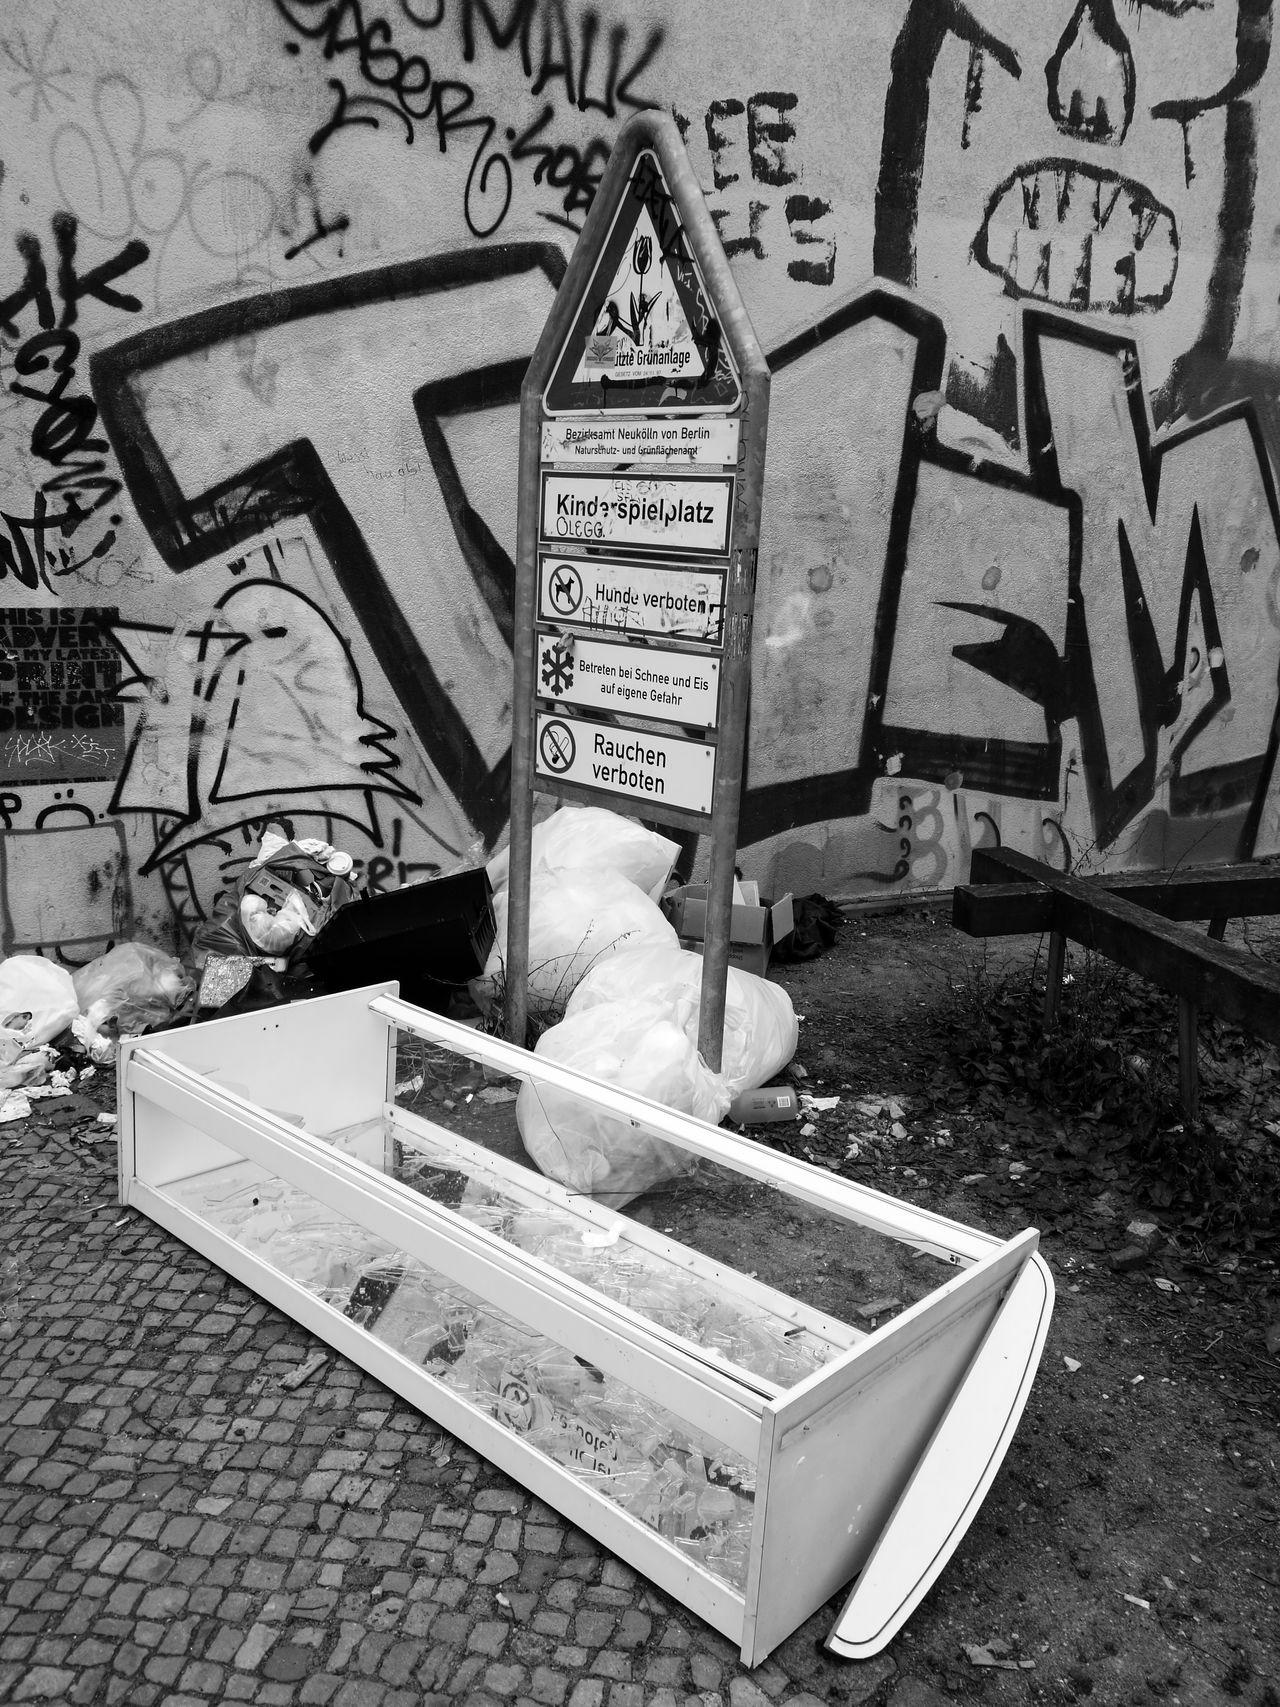 Berlin Berlin Photography Berliner Ansichten Day Dreck Garbage Müll Neukölln Street Text Waste Wasted